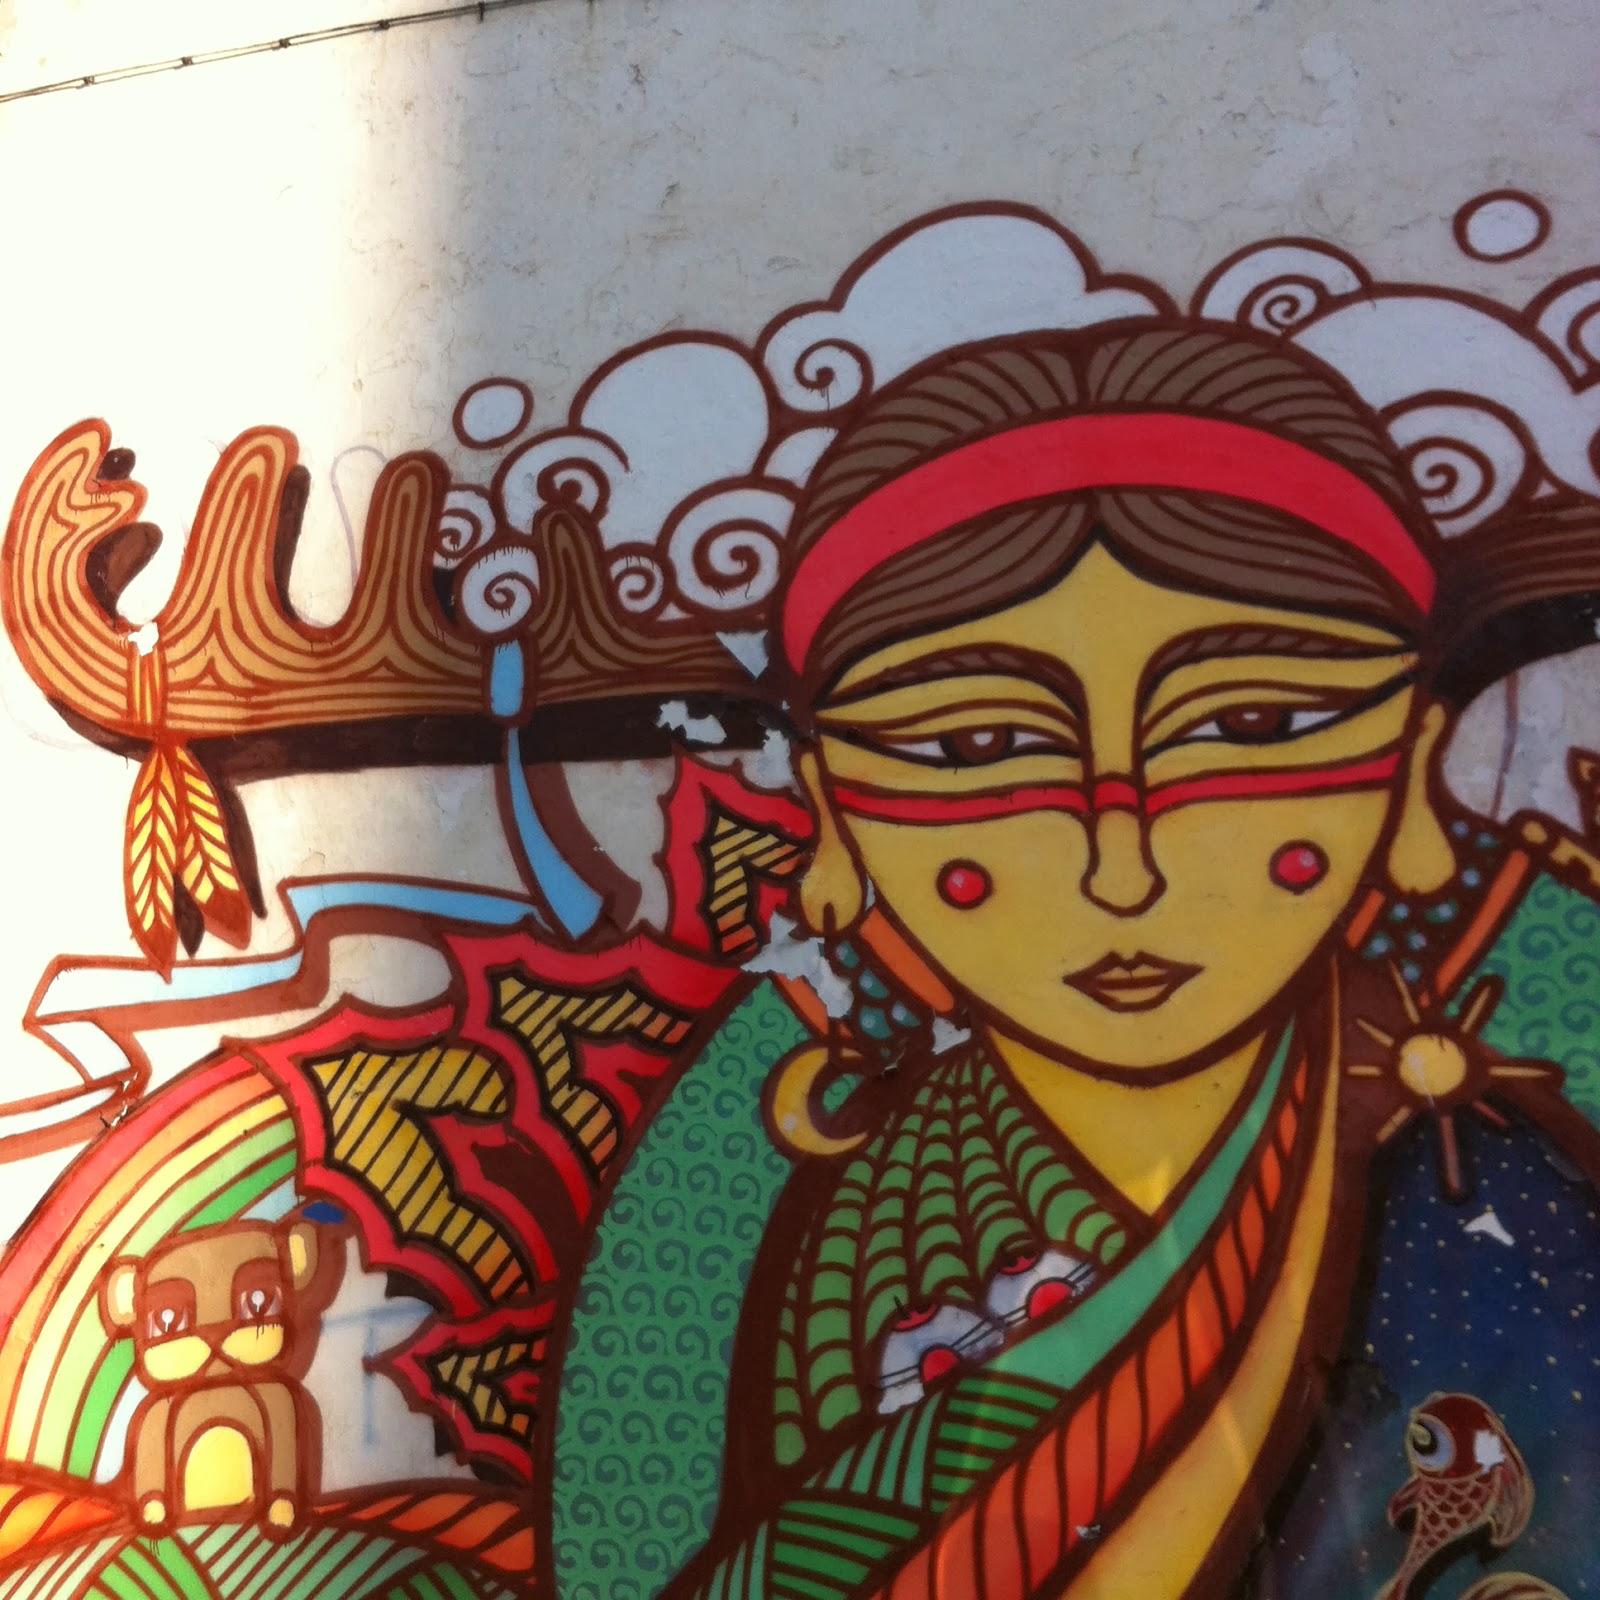 Achille et sa m re en mongolie dessin mural for Dessin mural